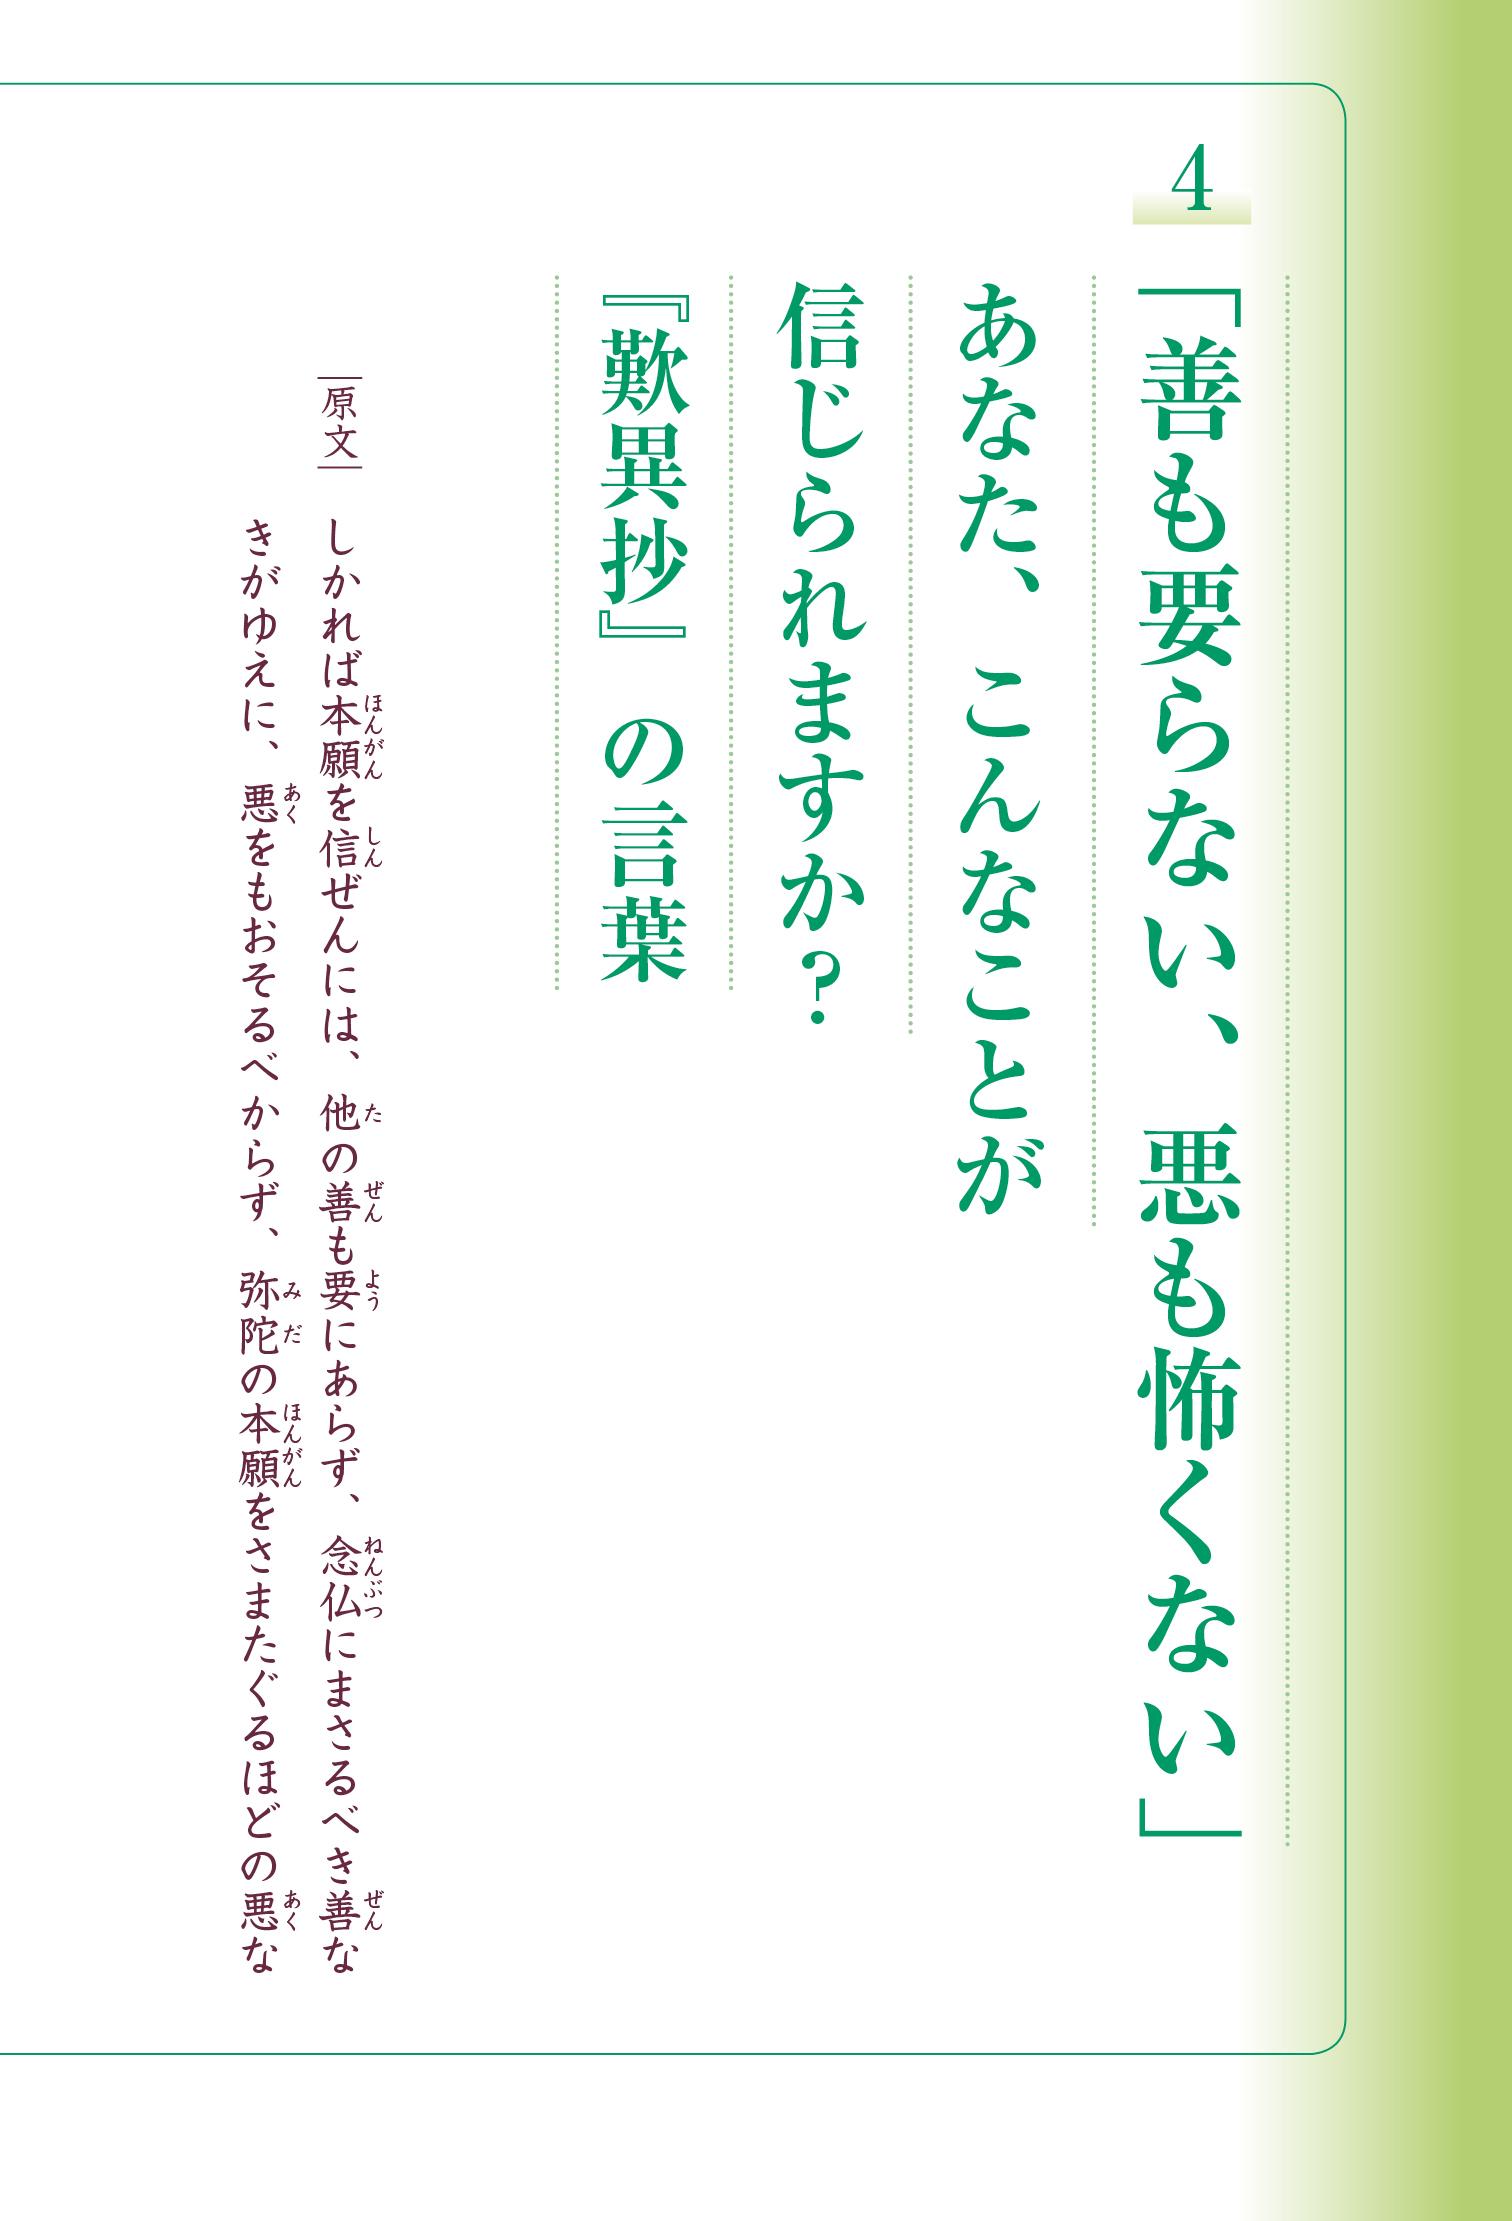 『歎異抄をひらく』を試し読みの画像3